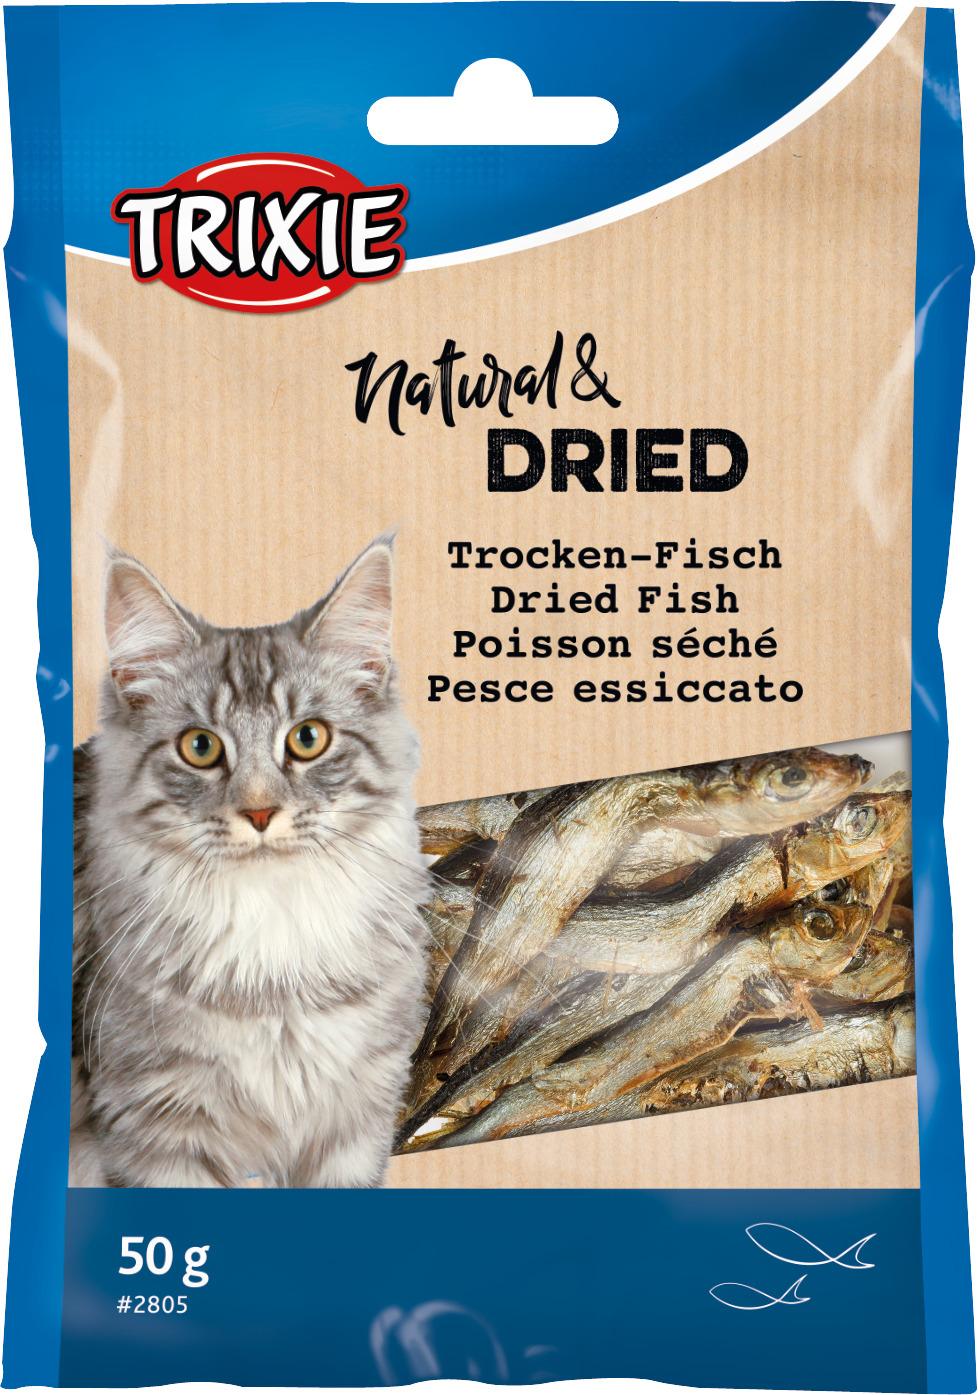 TRIXIE Trockenfisch für Katzen, 50 g